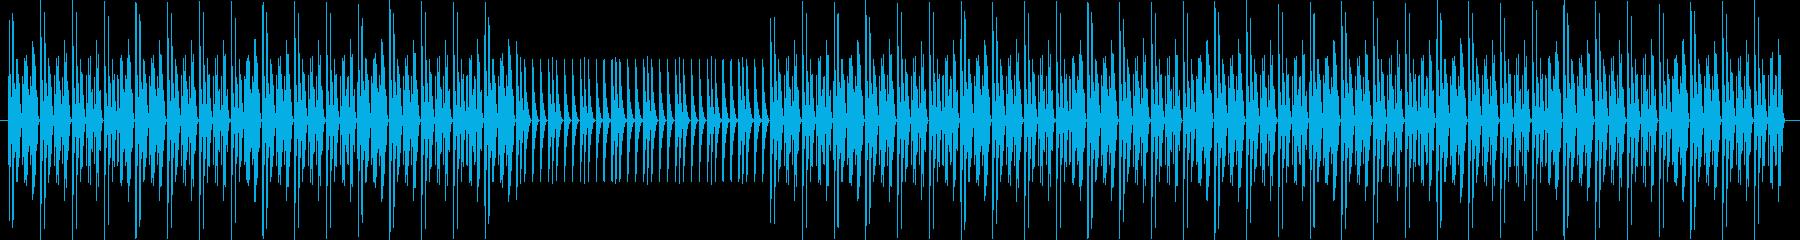 チープな電子音 インベーダー ゲーマーの再生済みの波形